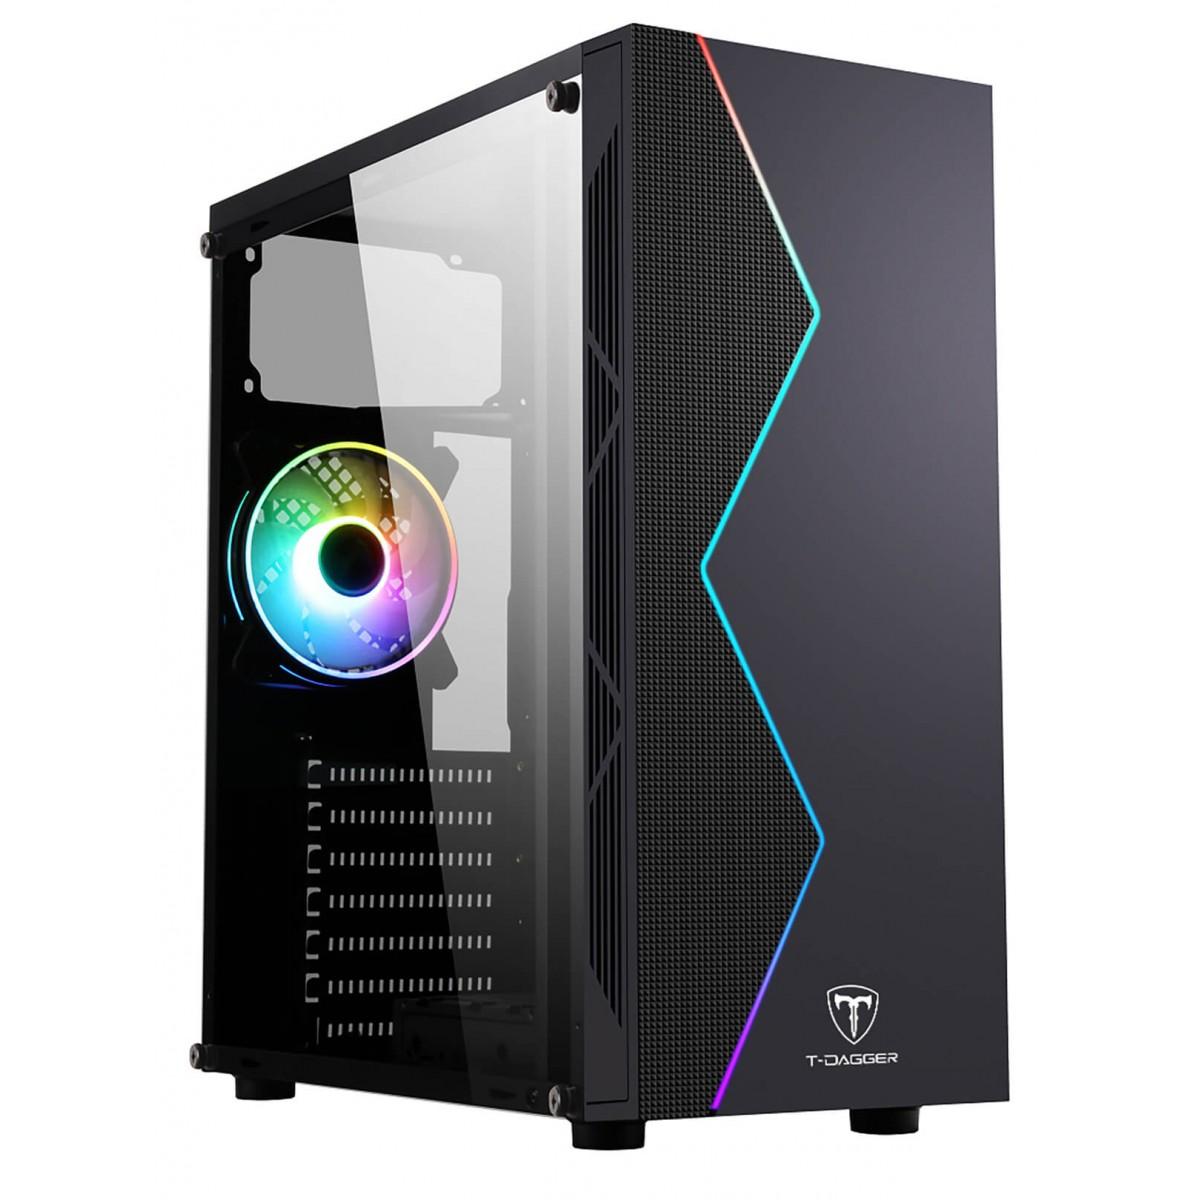 Computador Gamer, RYZEN 5 3400G 3.7Ghz , Placa de Video RX 550 4GB, 8GB DDR4, HD 1TB